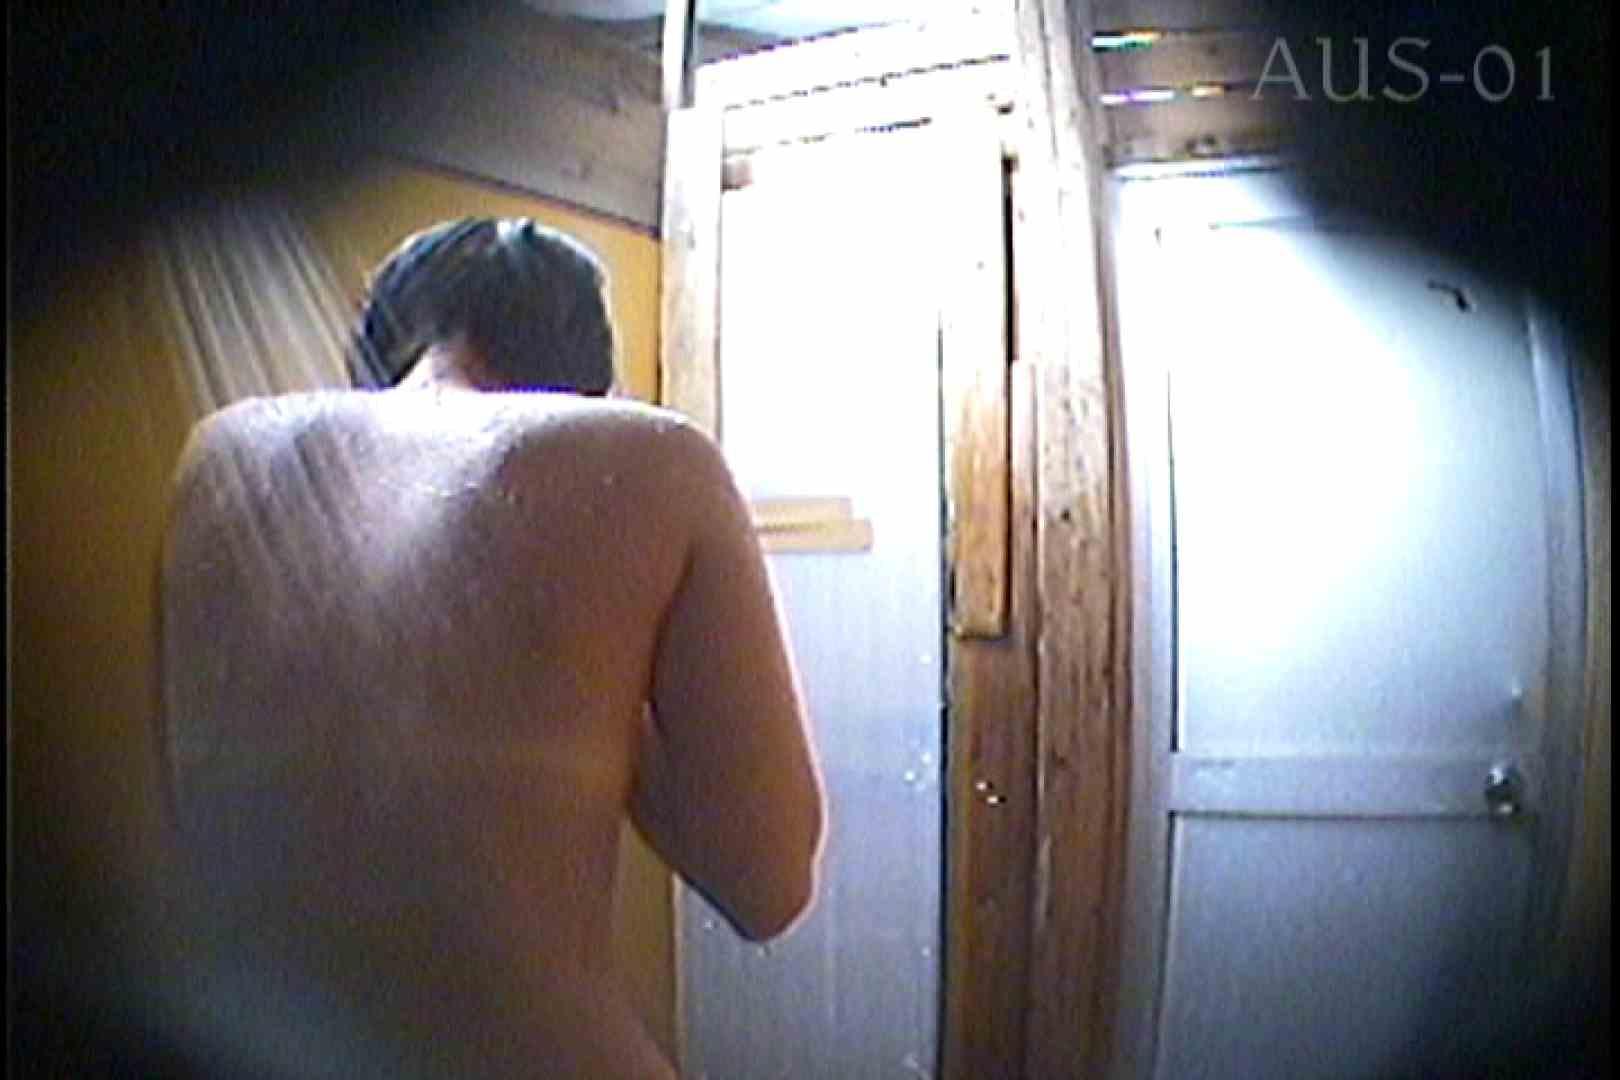 海の家の更衣室 Vol.01 シャワー   HなOL  88pic 49